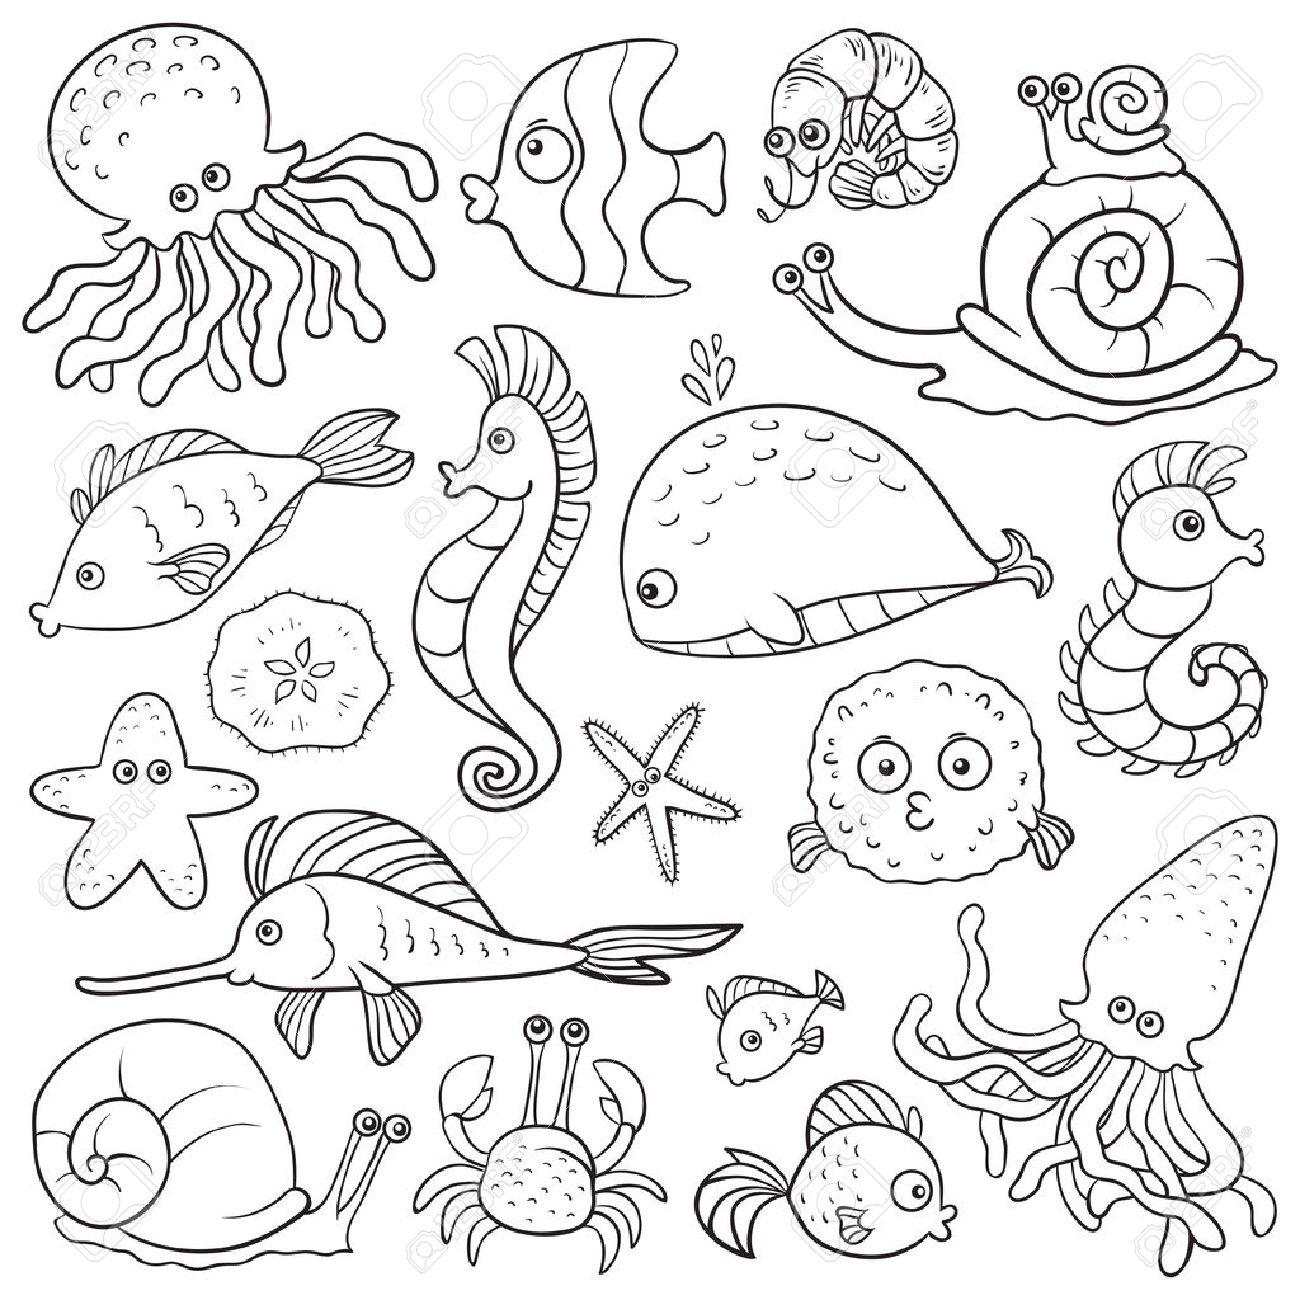 海洋生物 の塗り絵のイラスト素材ベクタ Image 33026009